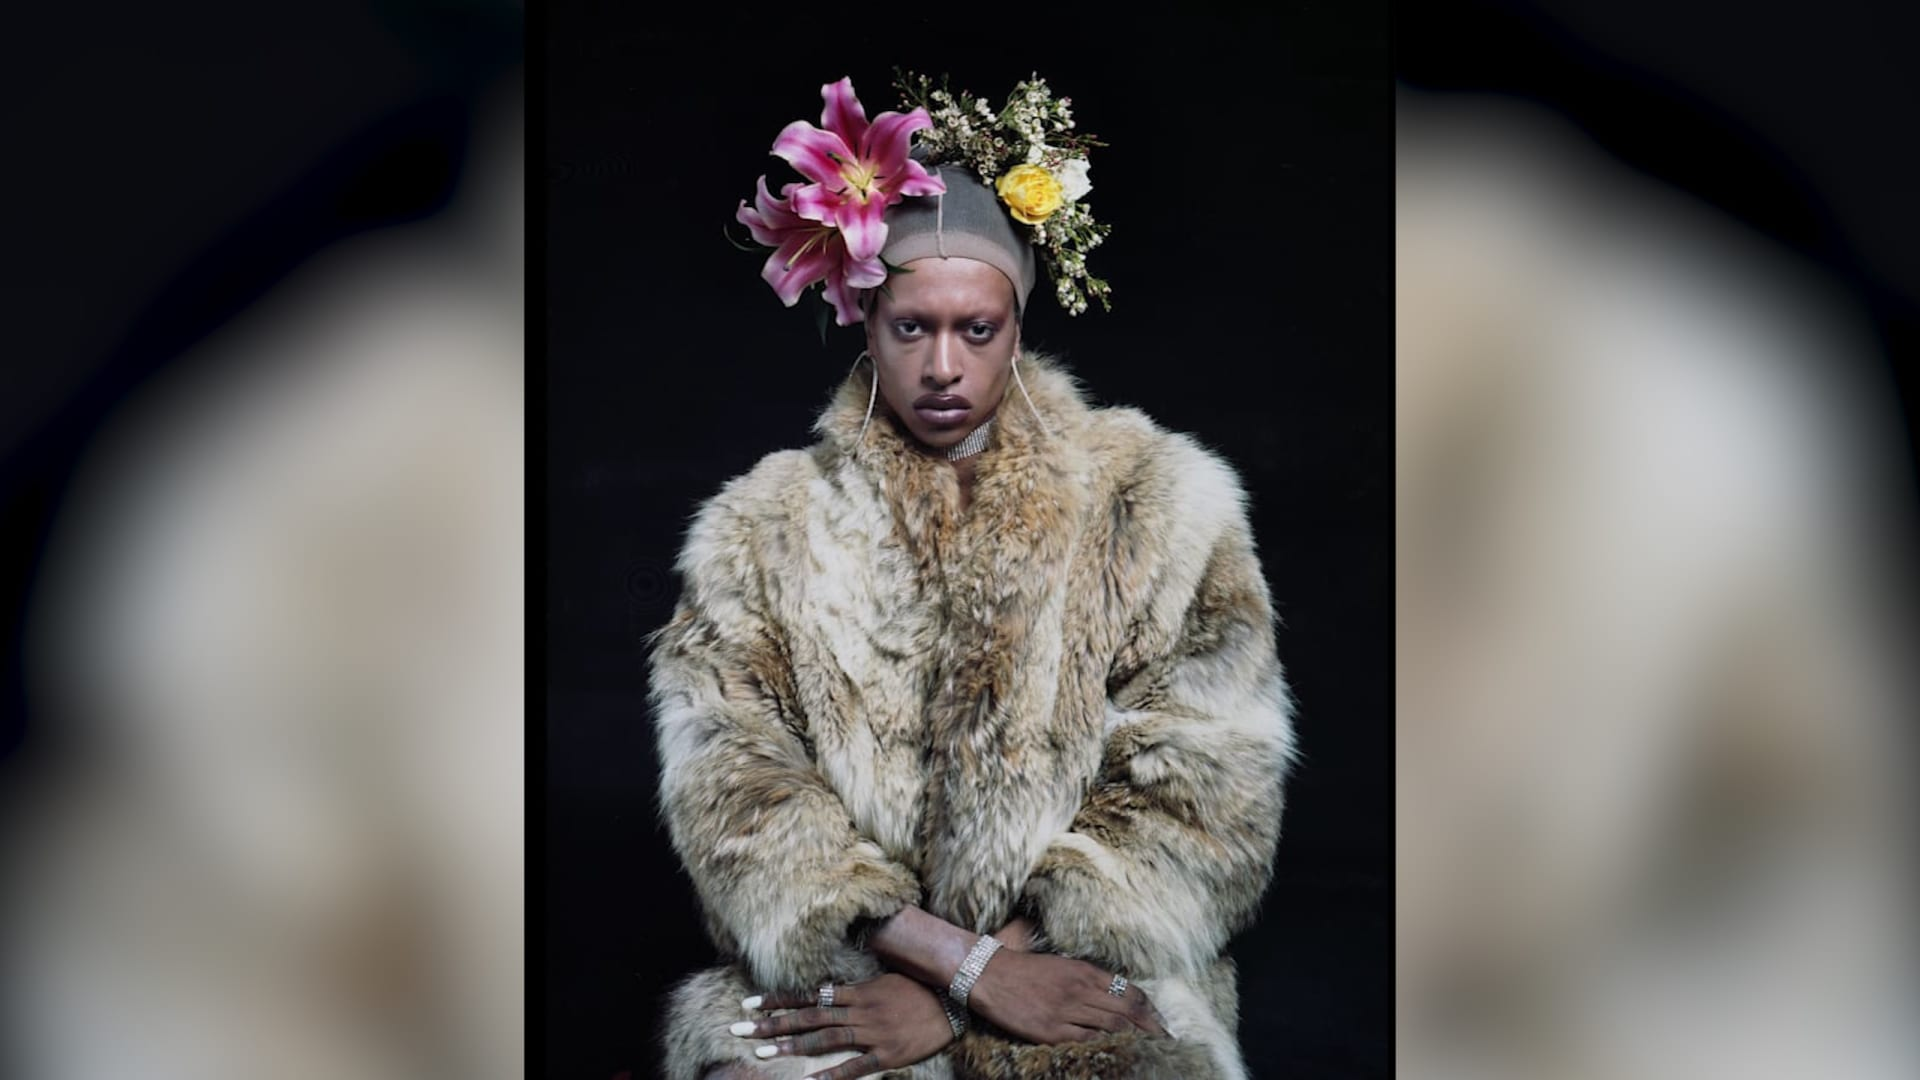 الفوتوغرافي فلوريان يوهان يتحدى فكرة الذكورية والرجولية في صوره